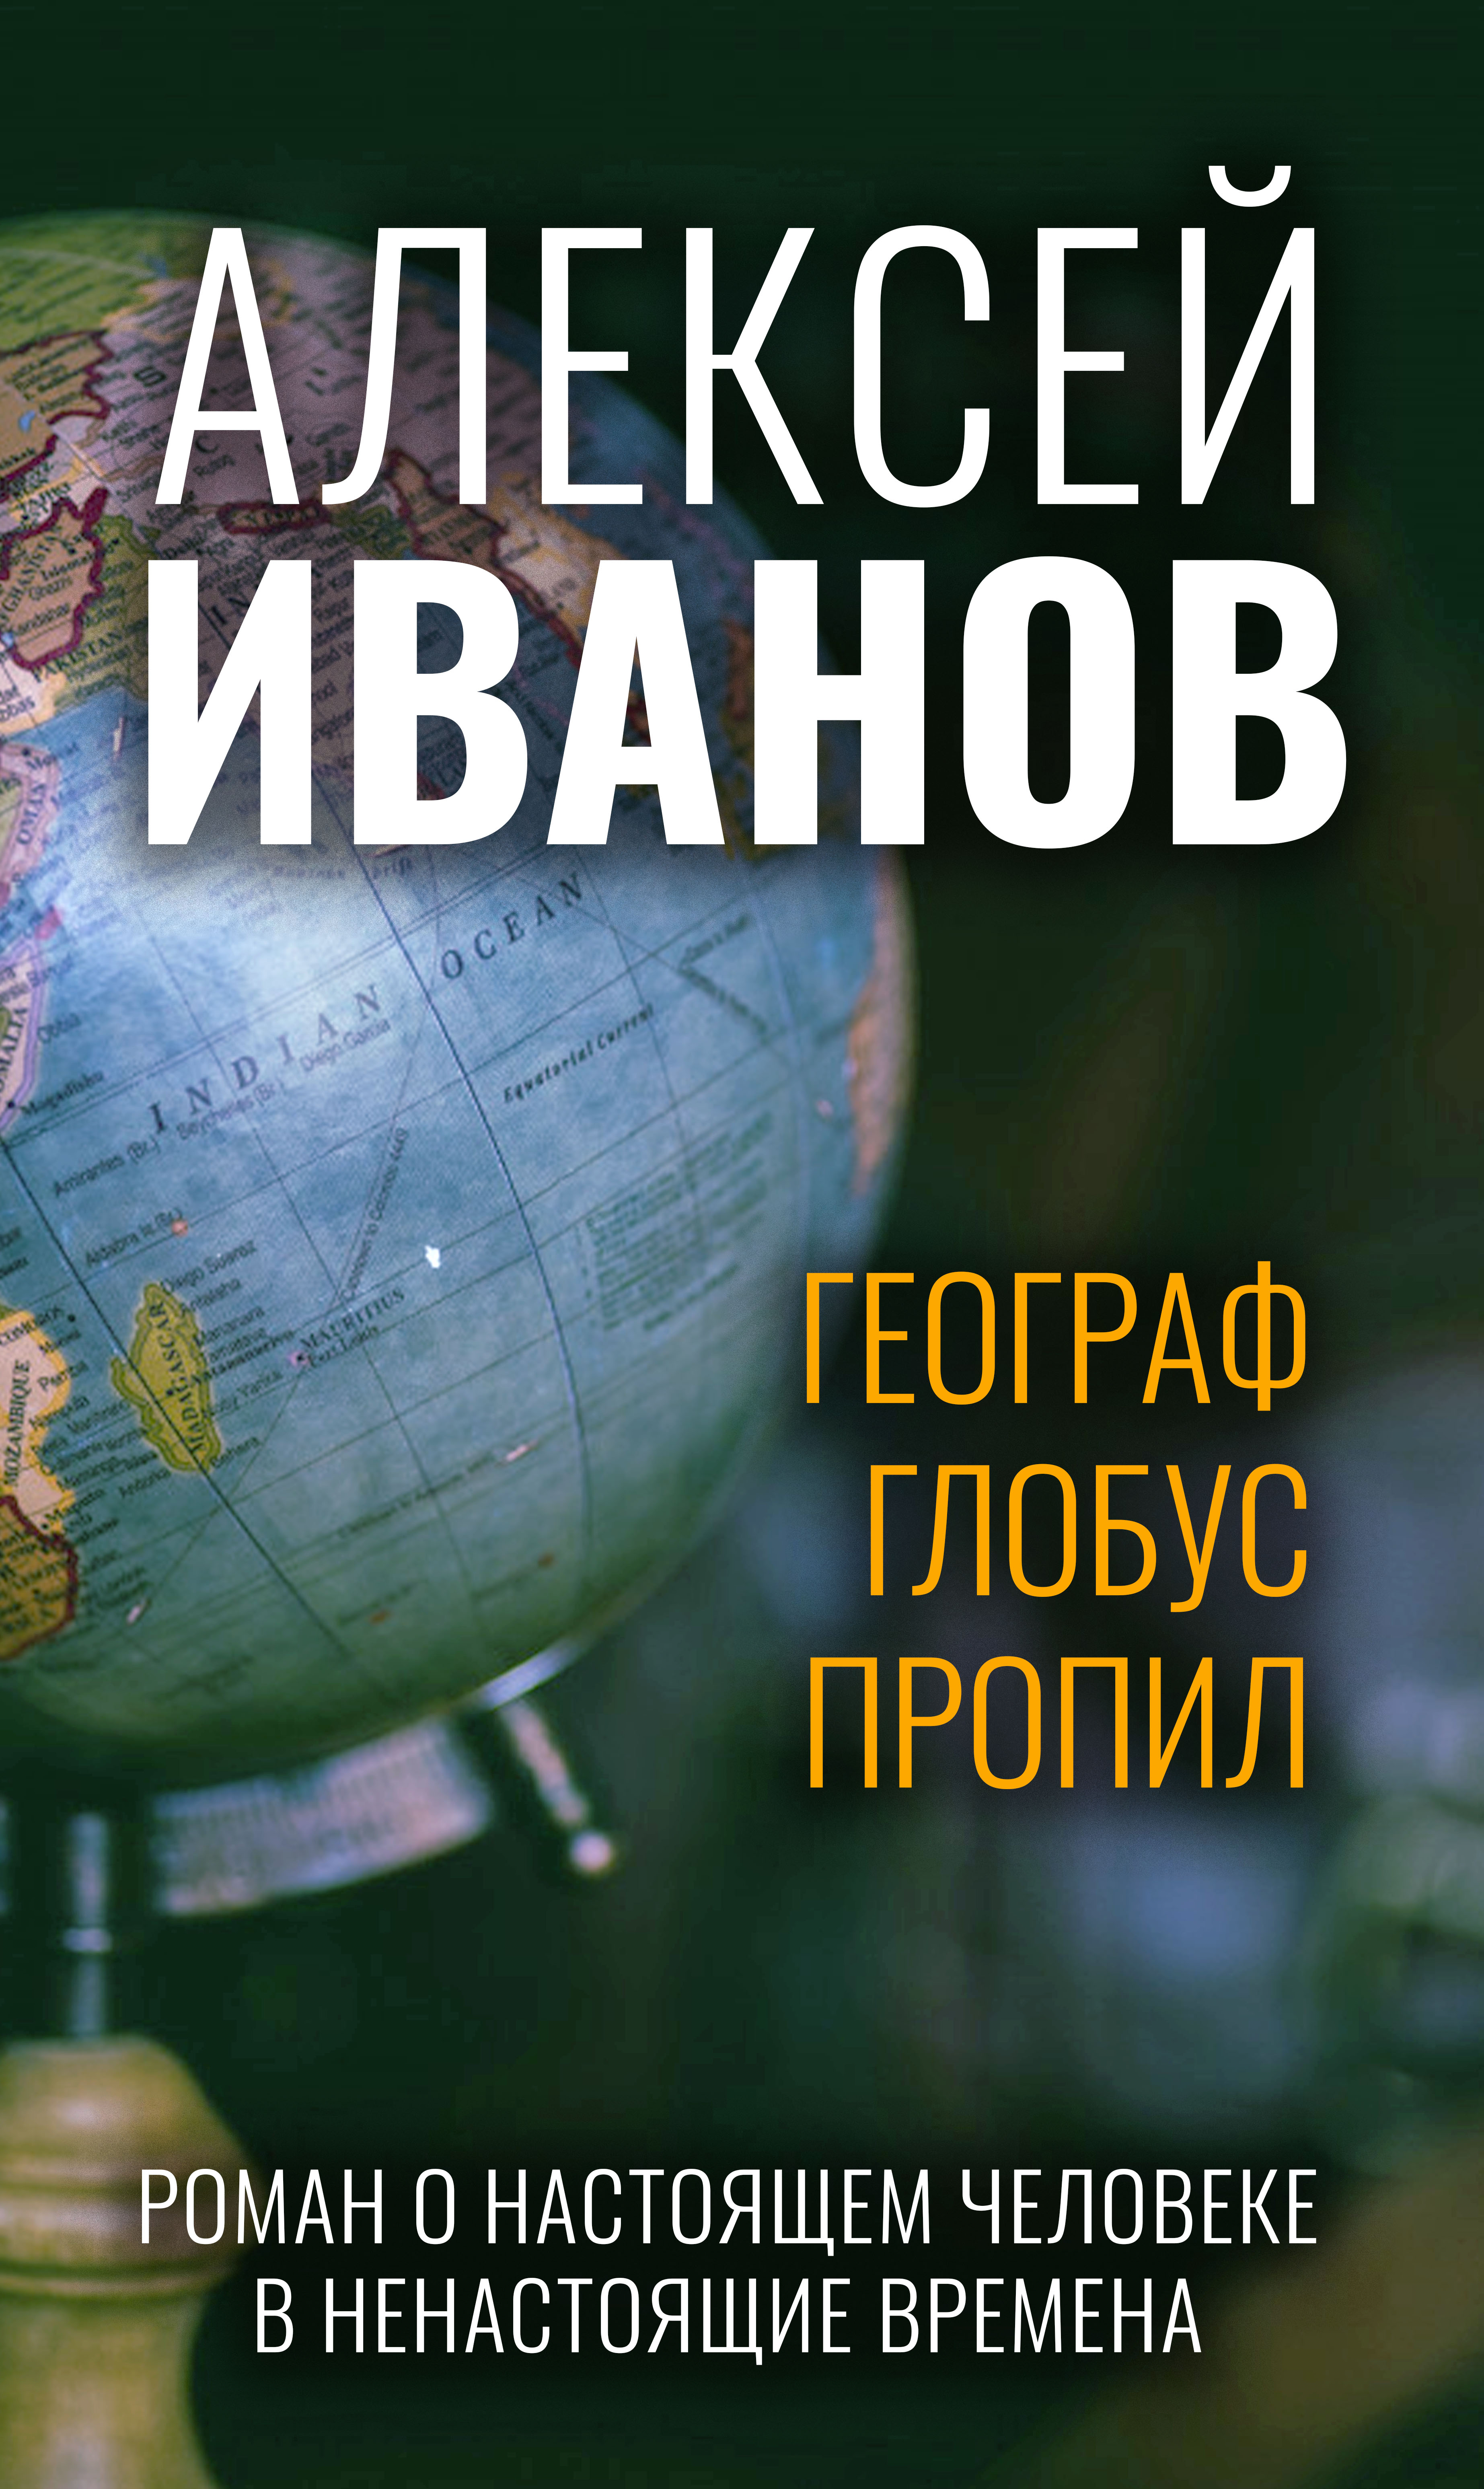 Географ глобус пропил